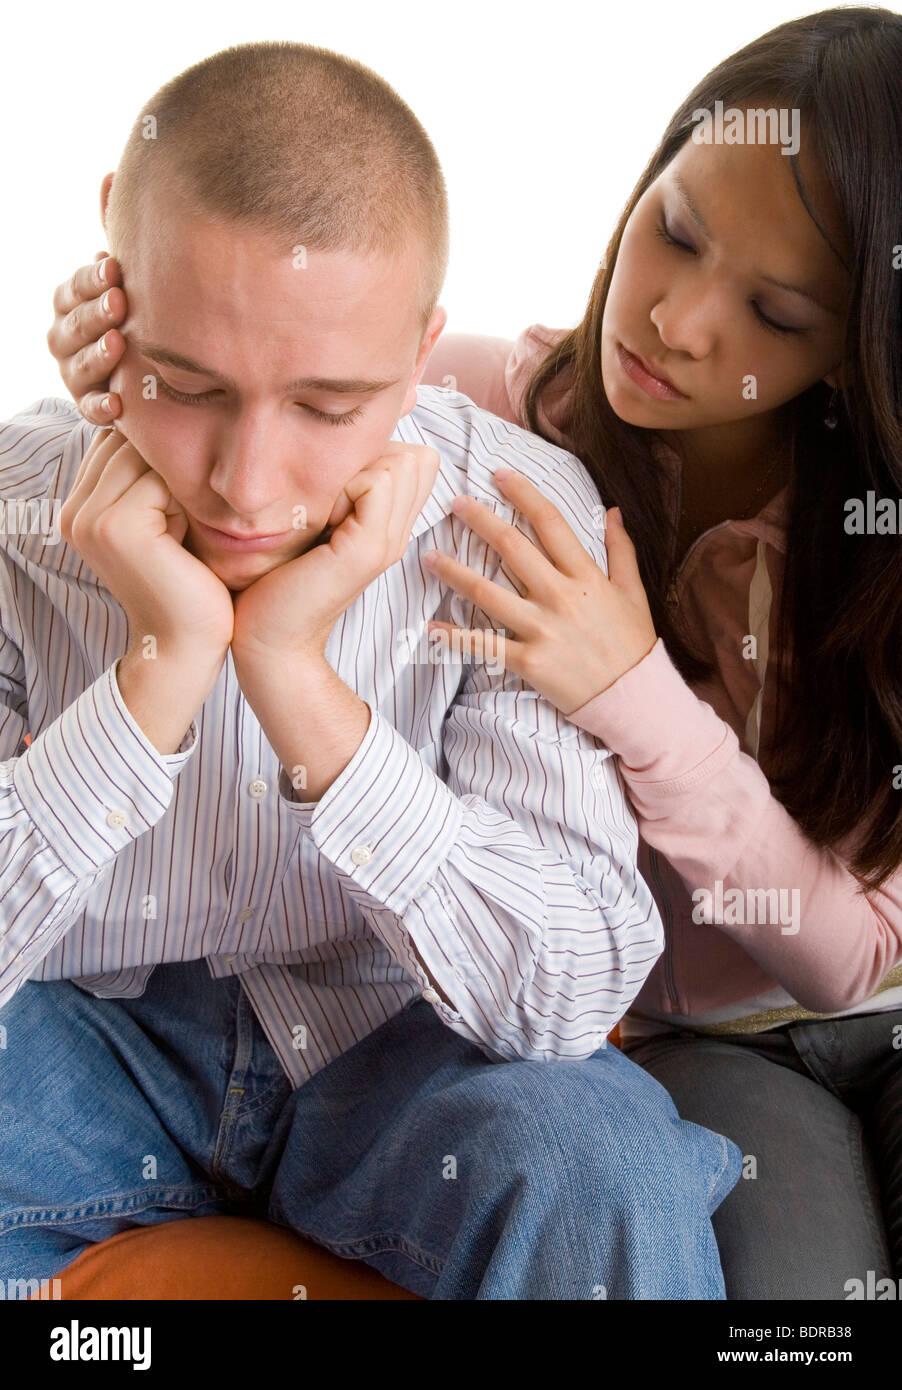 Junge Frau tr stet ihren traurigen Freund - Stock Image